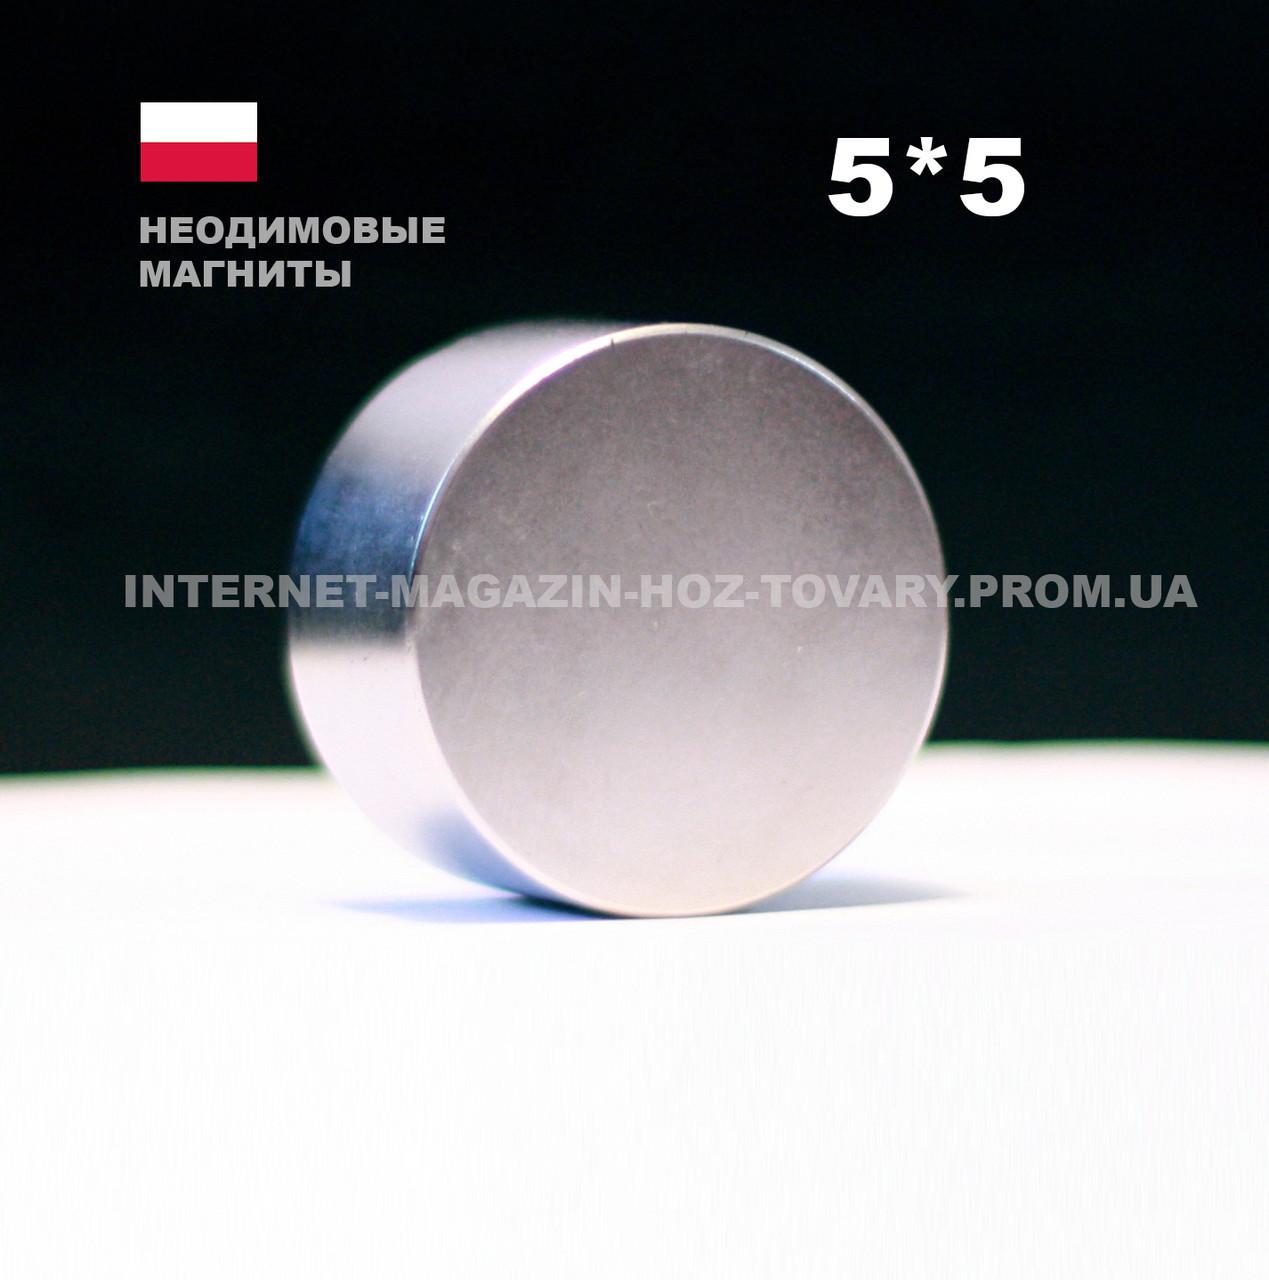 Неодимового магнита 5*5